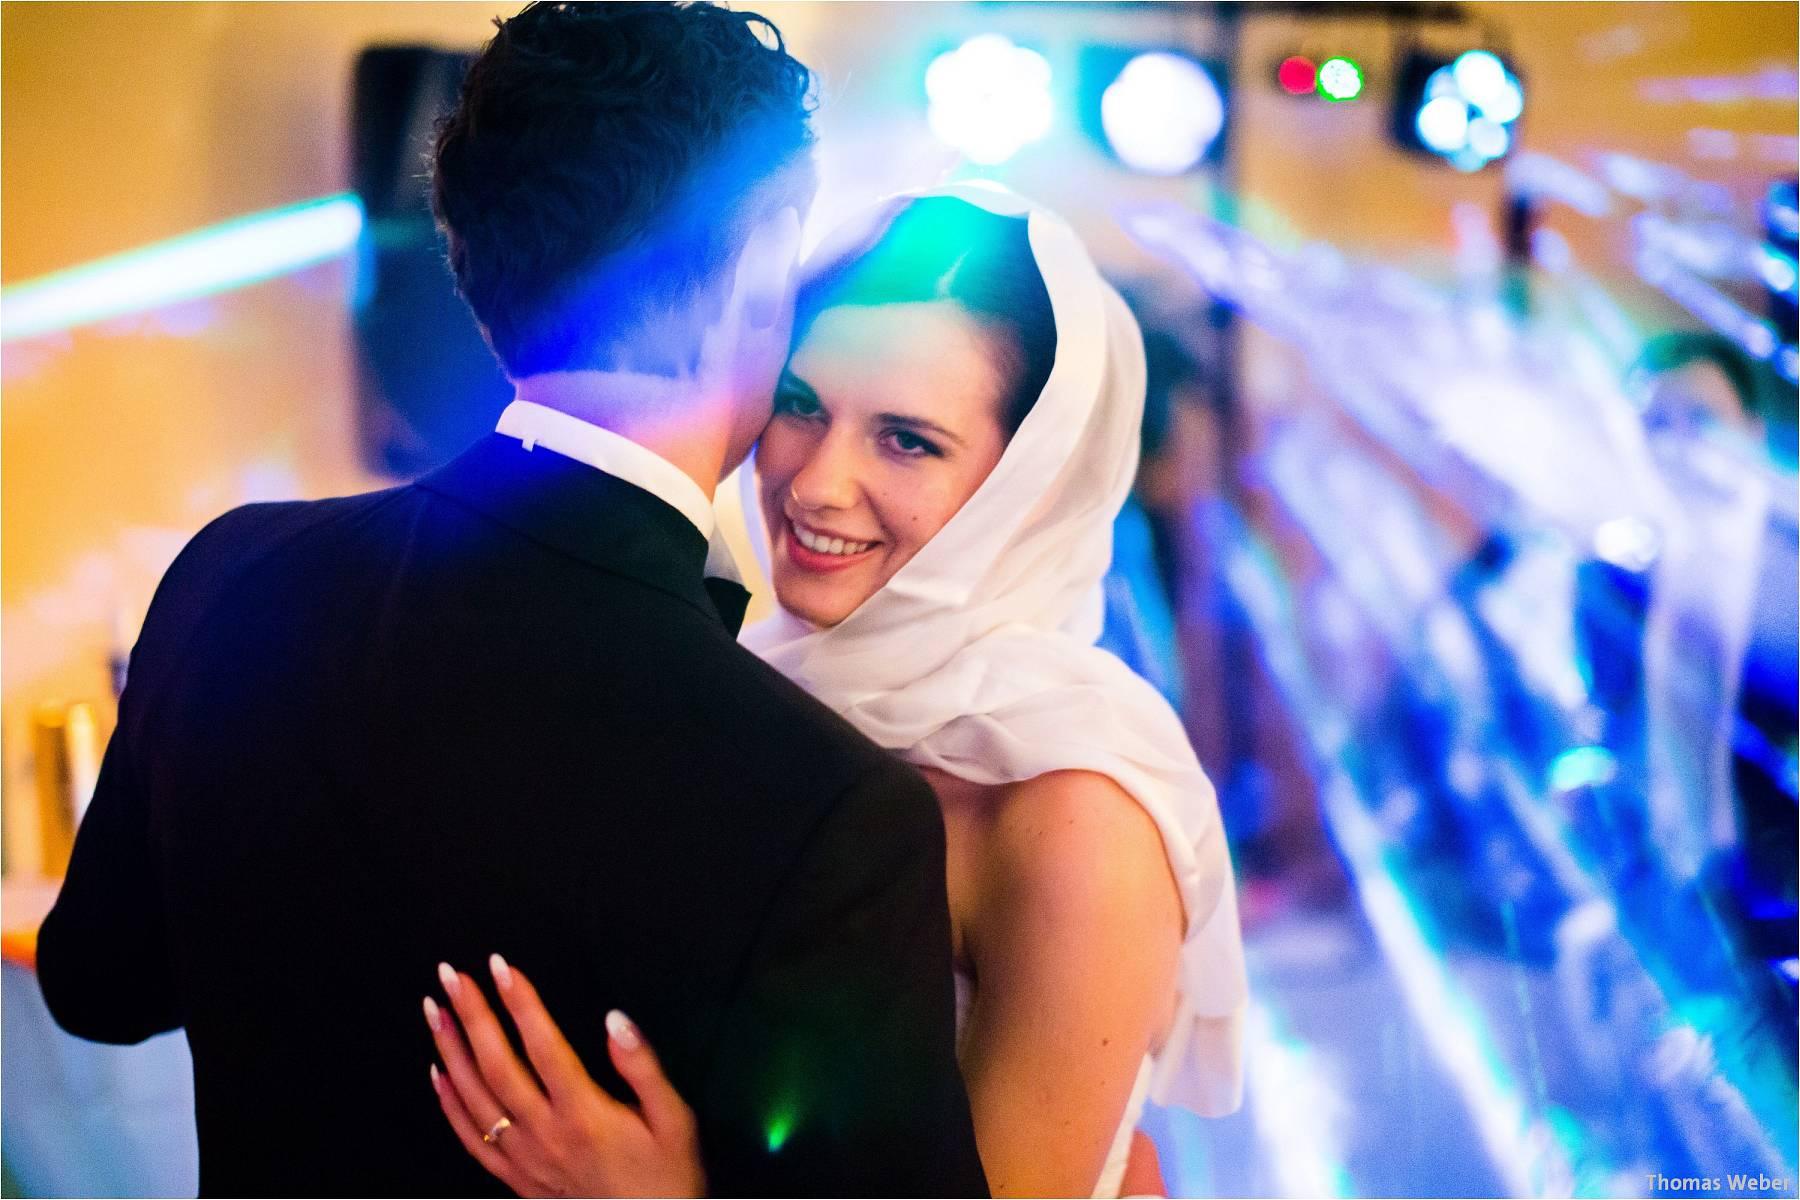 Hochzeitsfotograf Oldenburg: Russische Hochzeit im Standesamt am Pferdemarkt und Hochzeitsfeier im Landhaus Etzhorn (31)